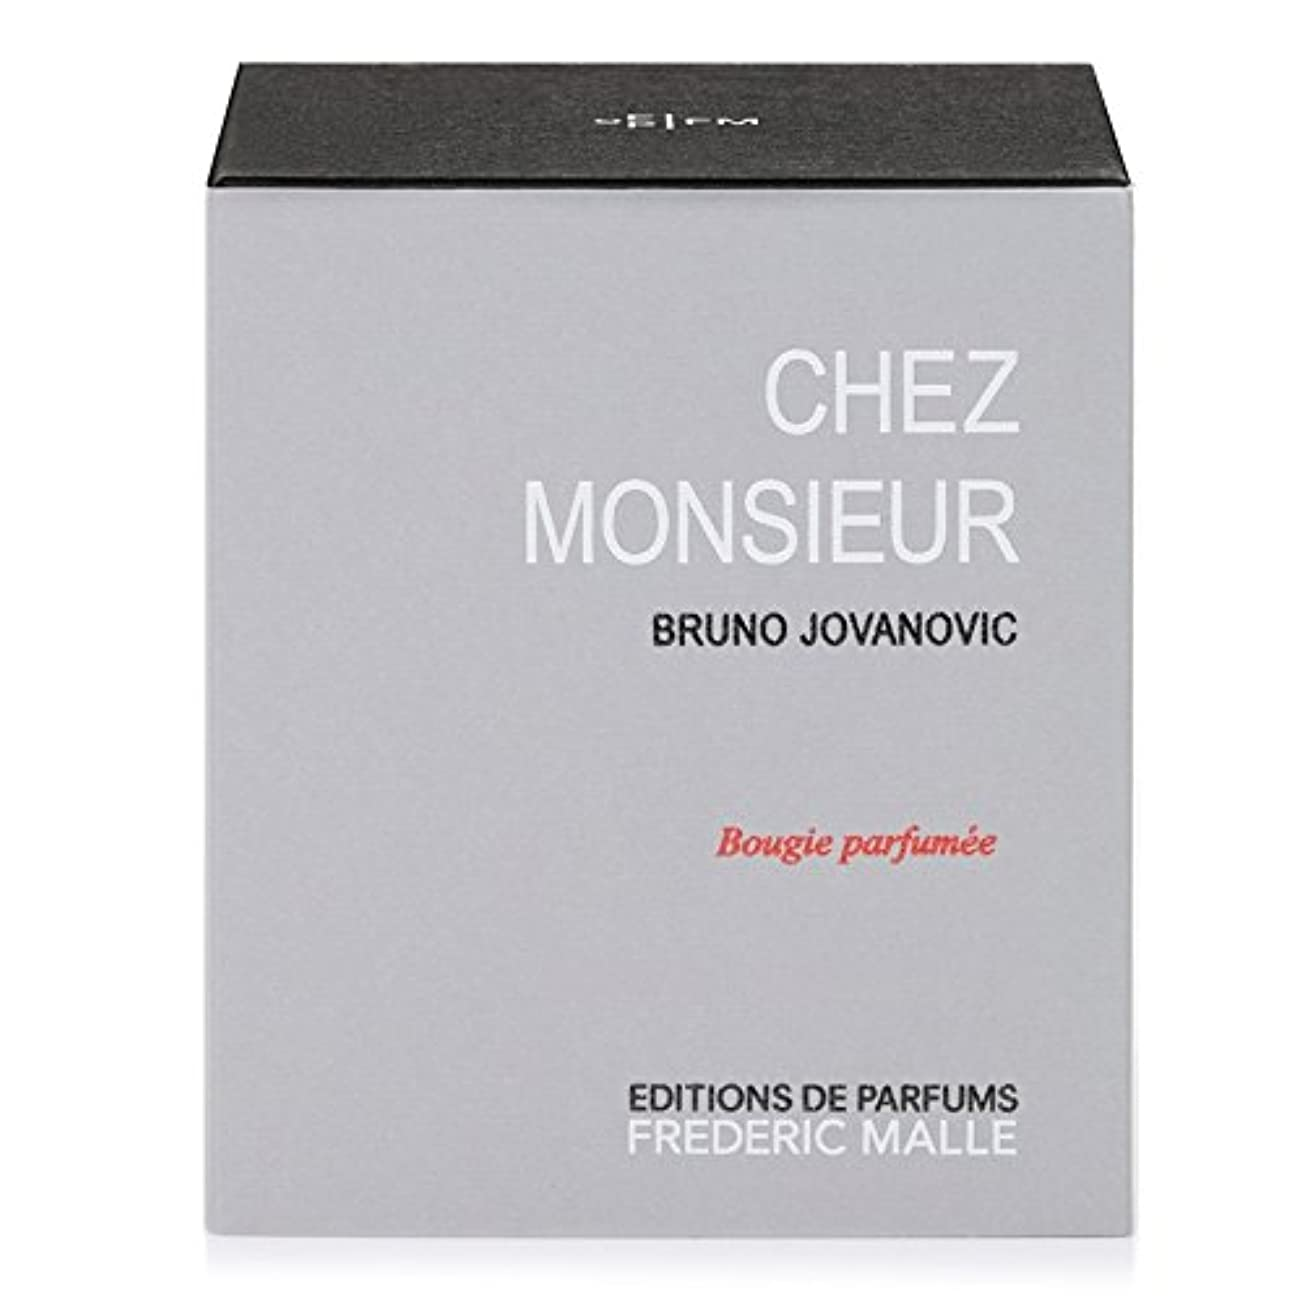 更新噴出する血色の良いFrederic Malle Chez Monsieur Scented Candle 220g (Pack of 4) - フレデリック?マルシェムッシュ香りのキャンドル220グラム x4 [並行輸入品]